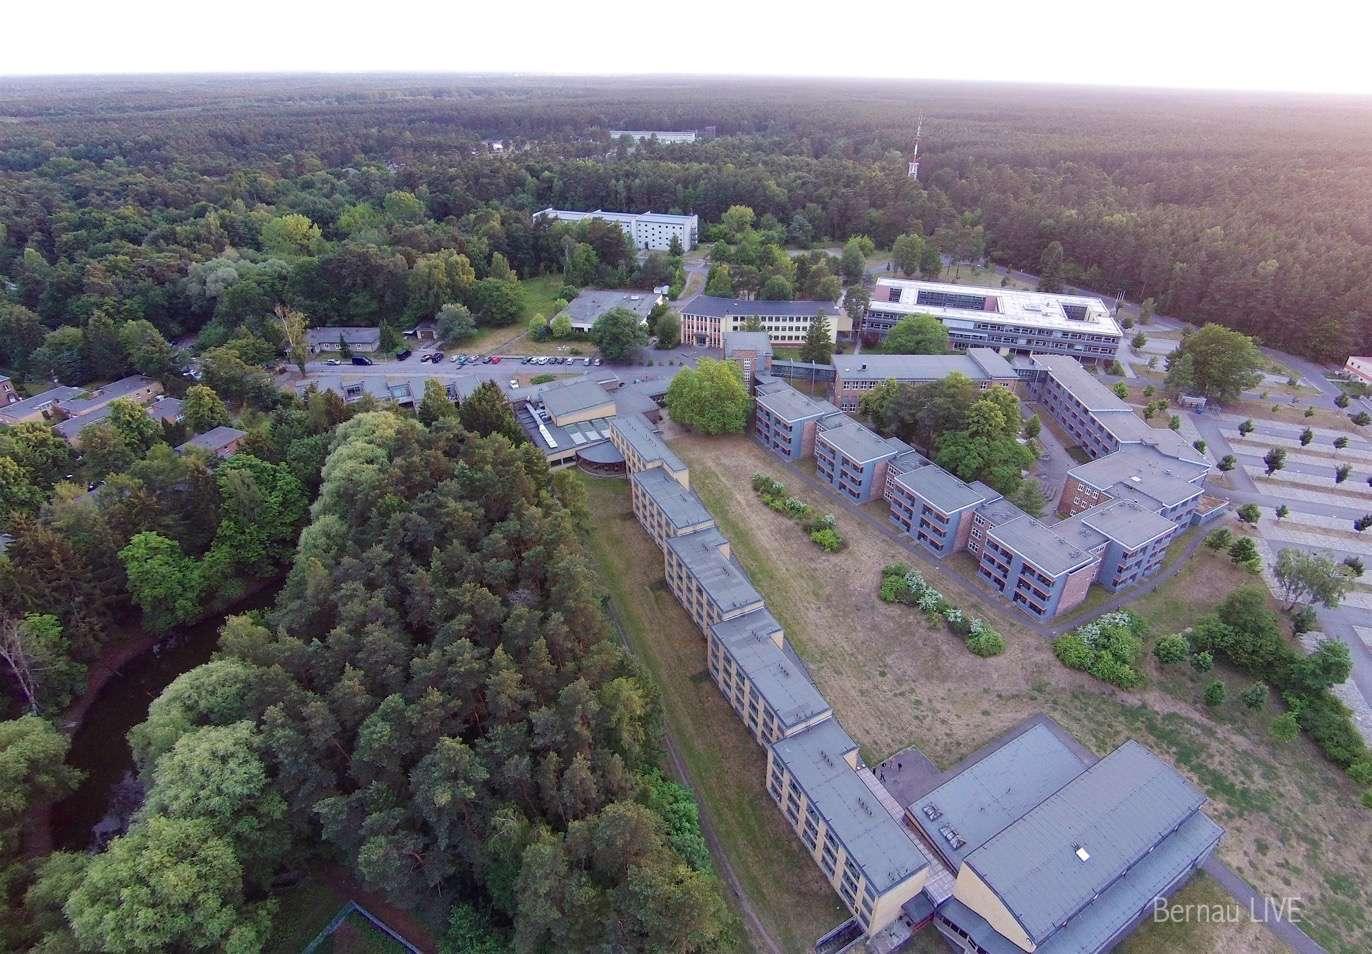 Bauhaus Denkmal Bernau erhält weitere 670.000 Euro Förderung